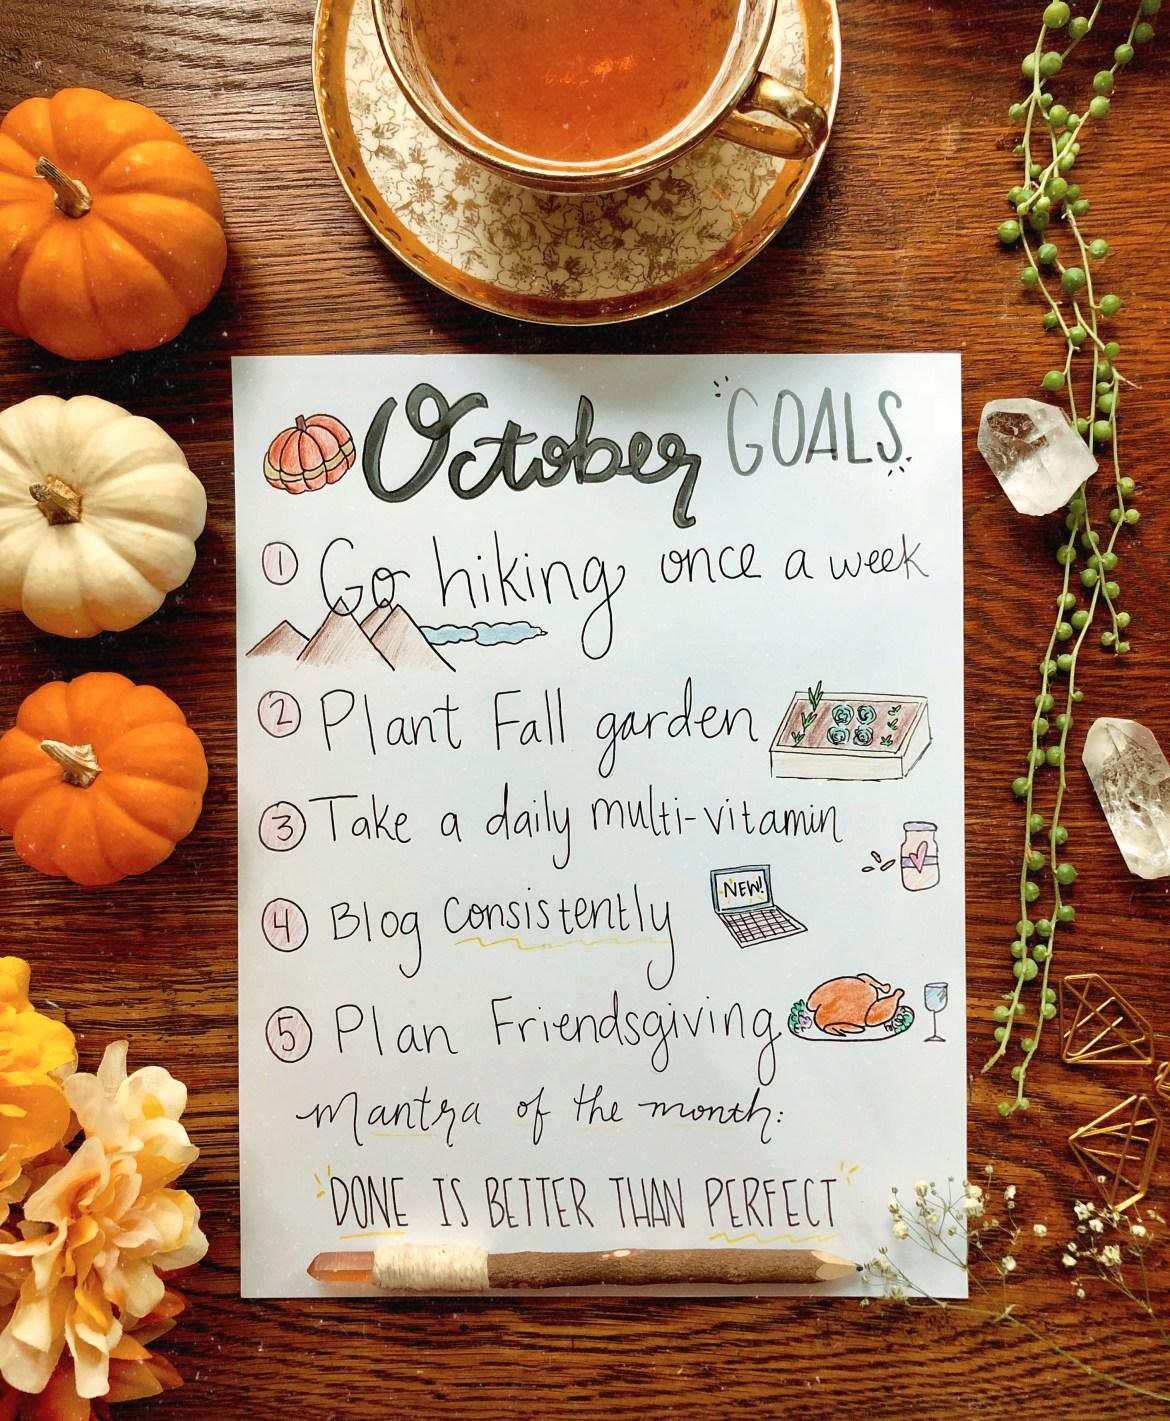 October Goals List | Joi-Knows-How.com